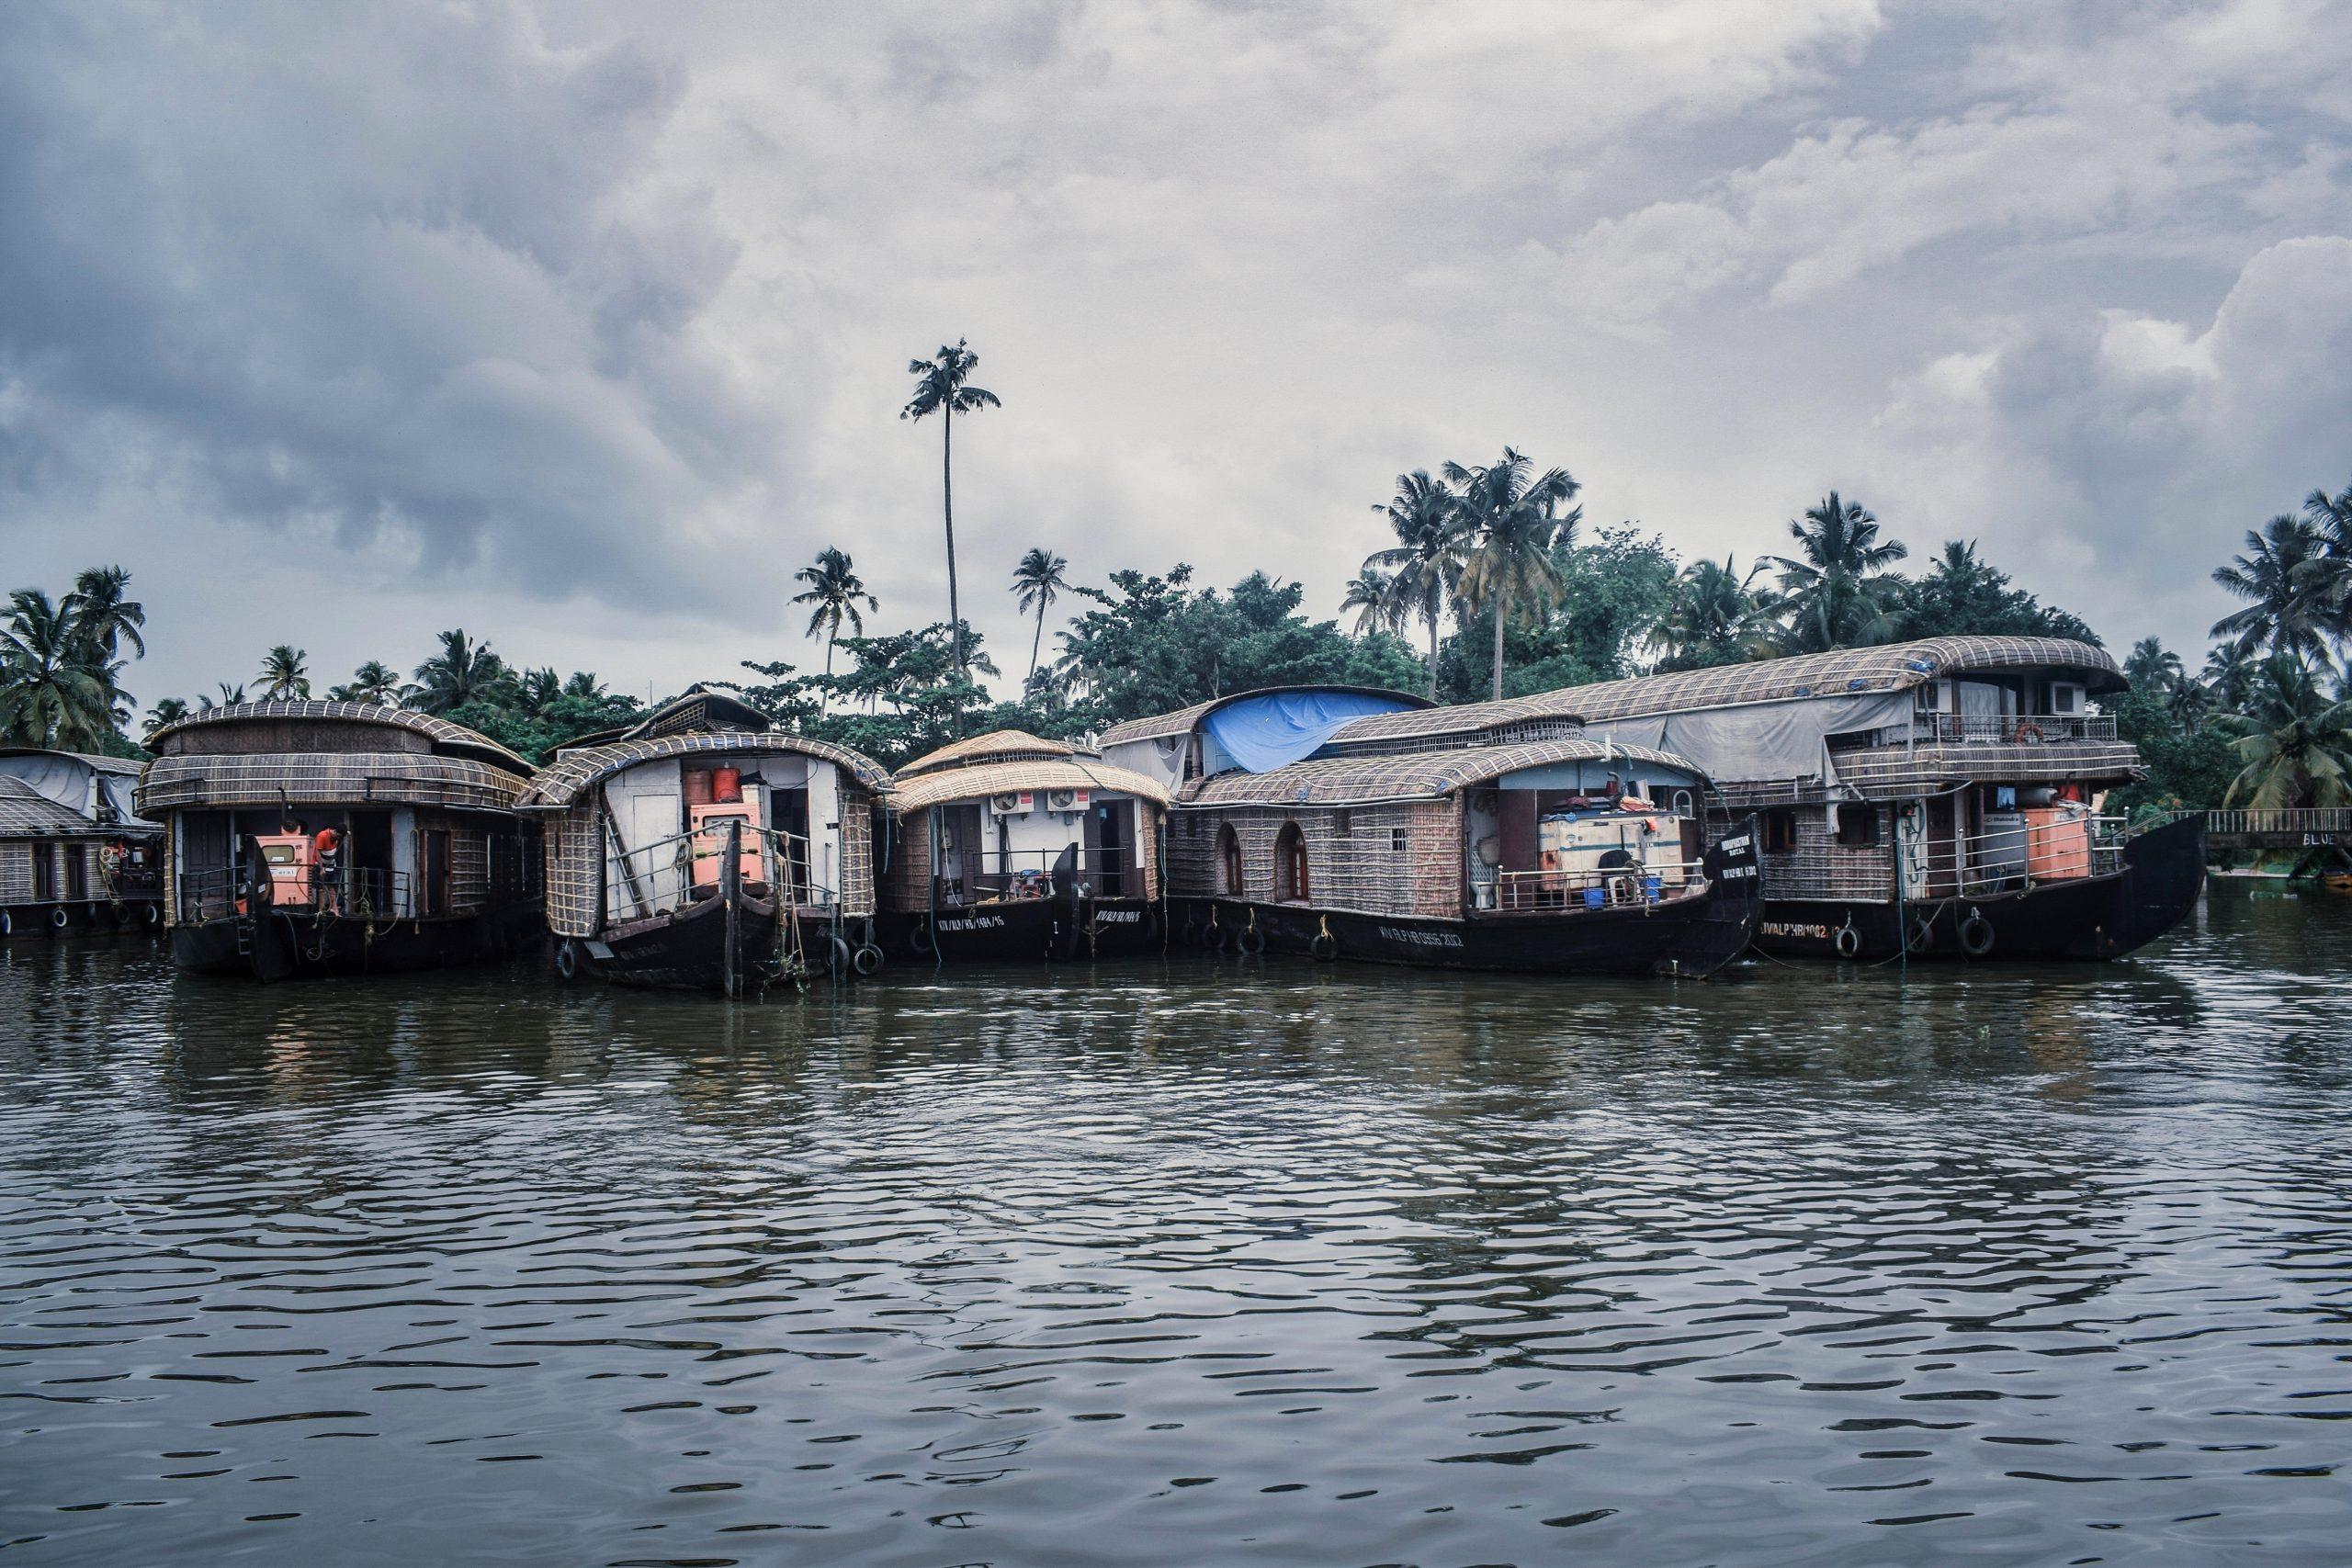 Houseboats in Alleppey, Kerala